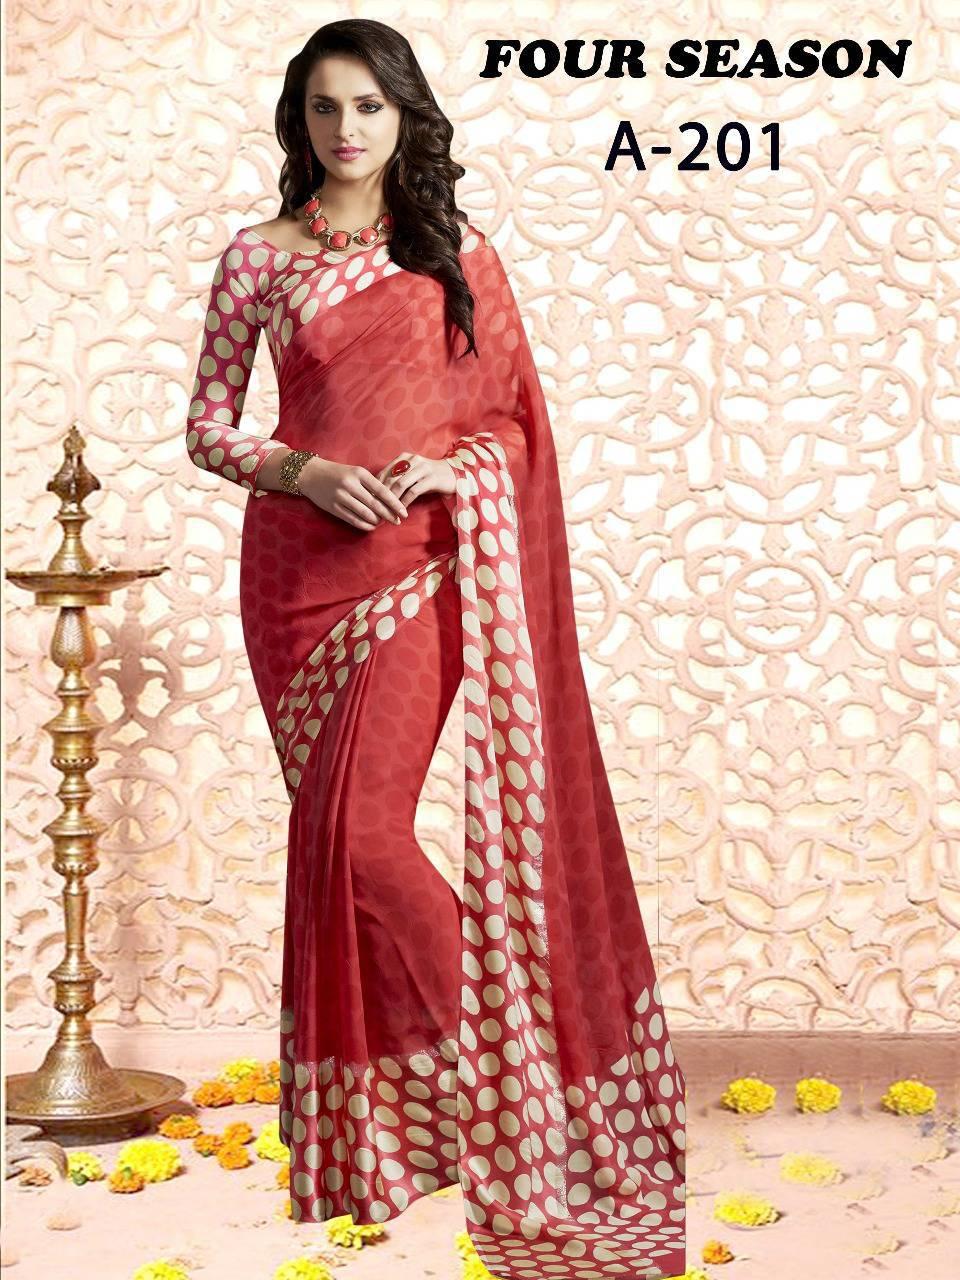 Lt Fabrics Four Season Series 2 Saree Sari Wholesale Catalog 4 pcs 2 - Lt Fabrics Four Season Series 2 Saree Sari Wholesale Catalog 4 pcs